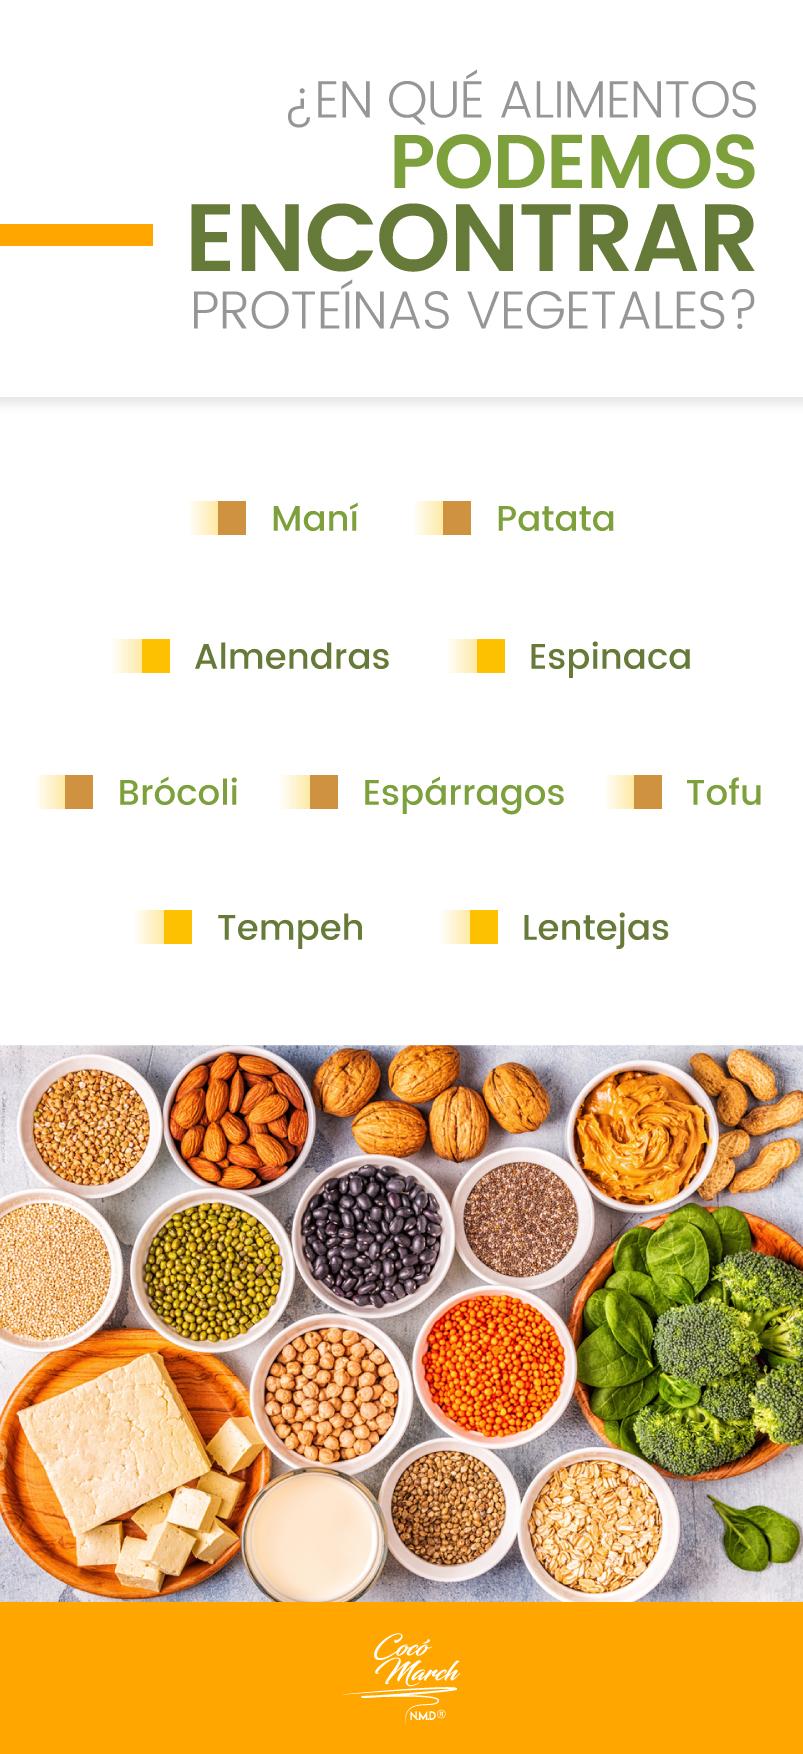 en-cuales-alimentos-encontramos-las-proteinas